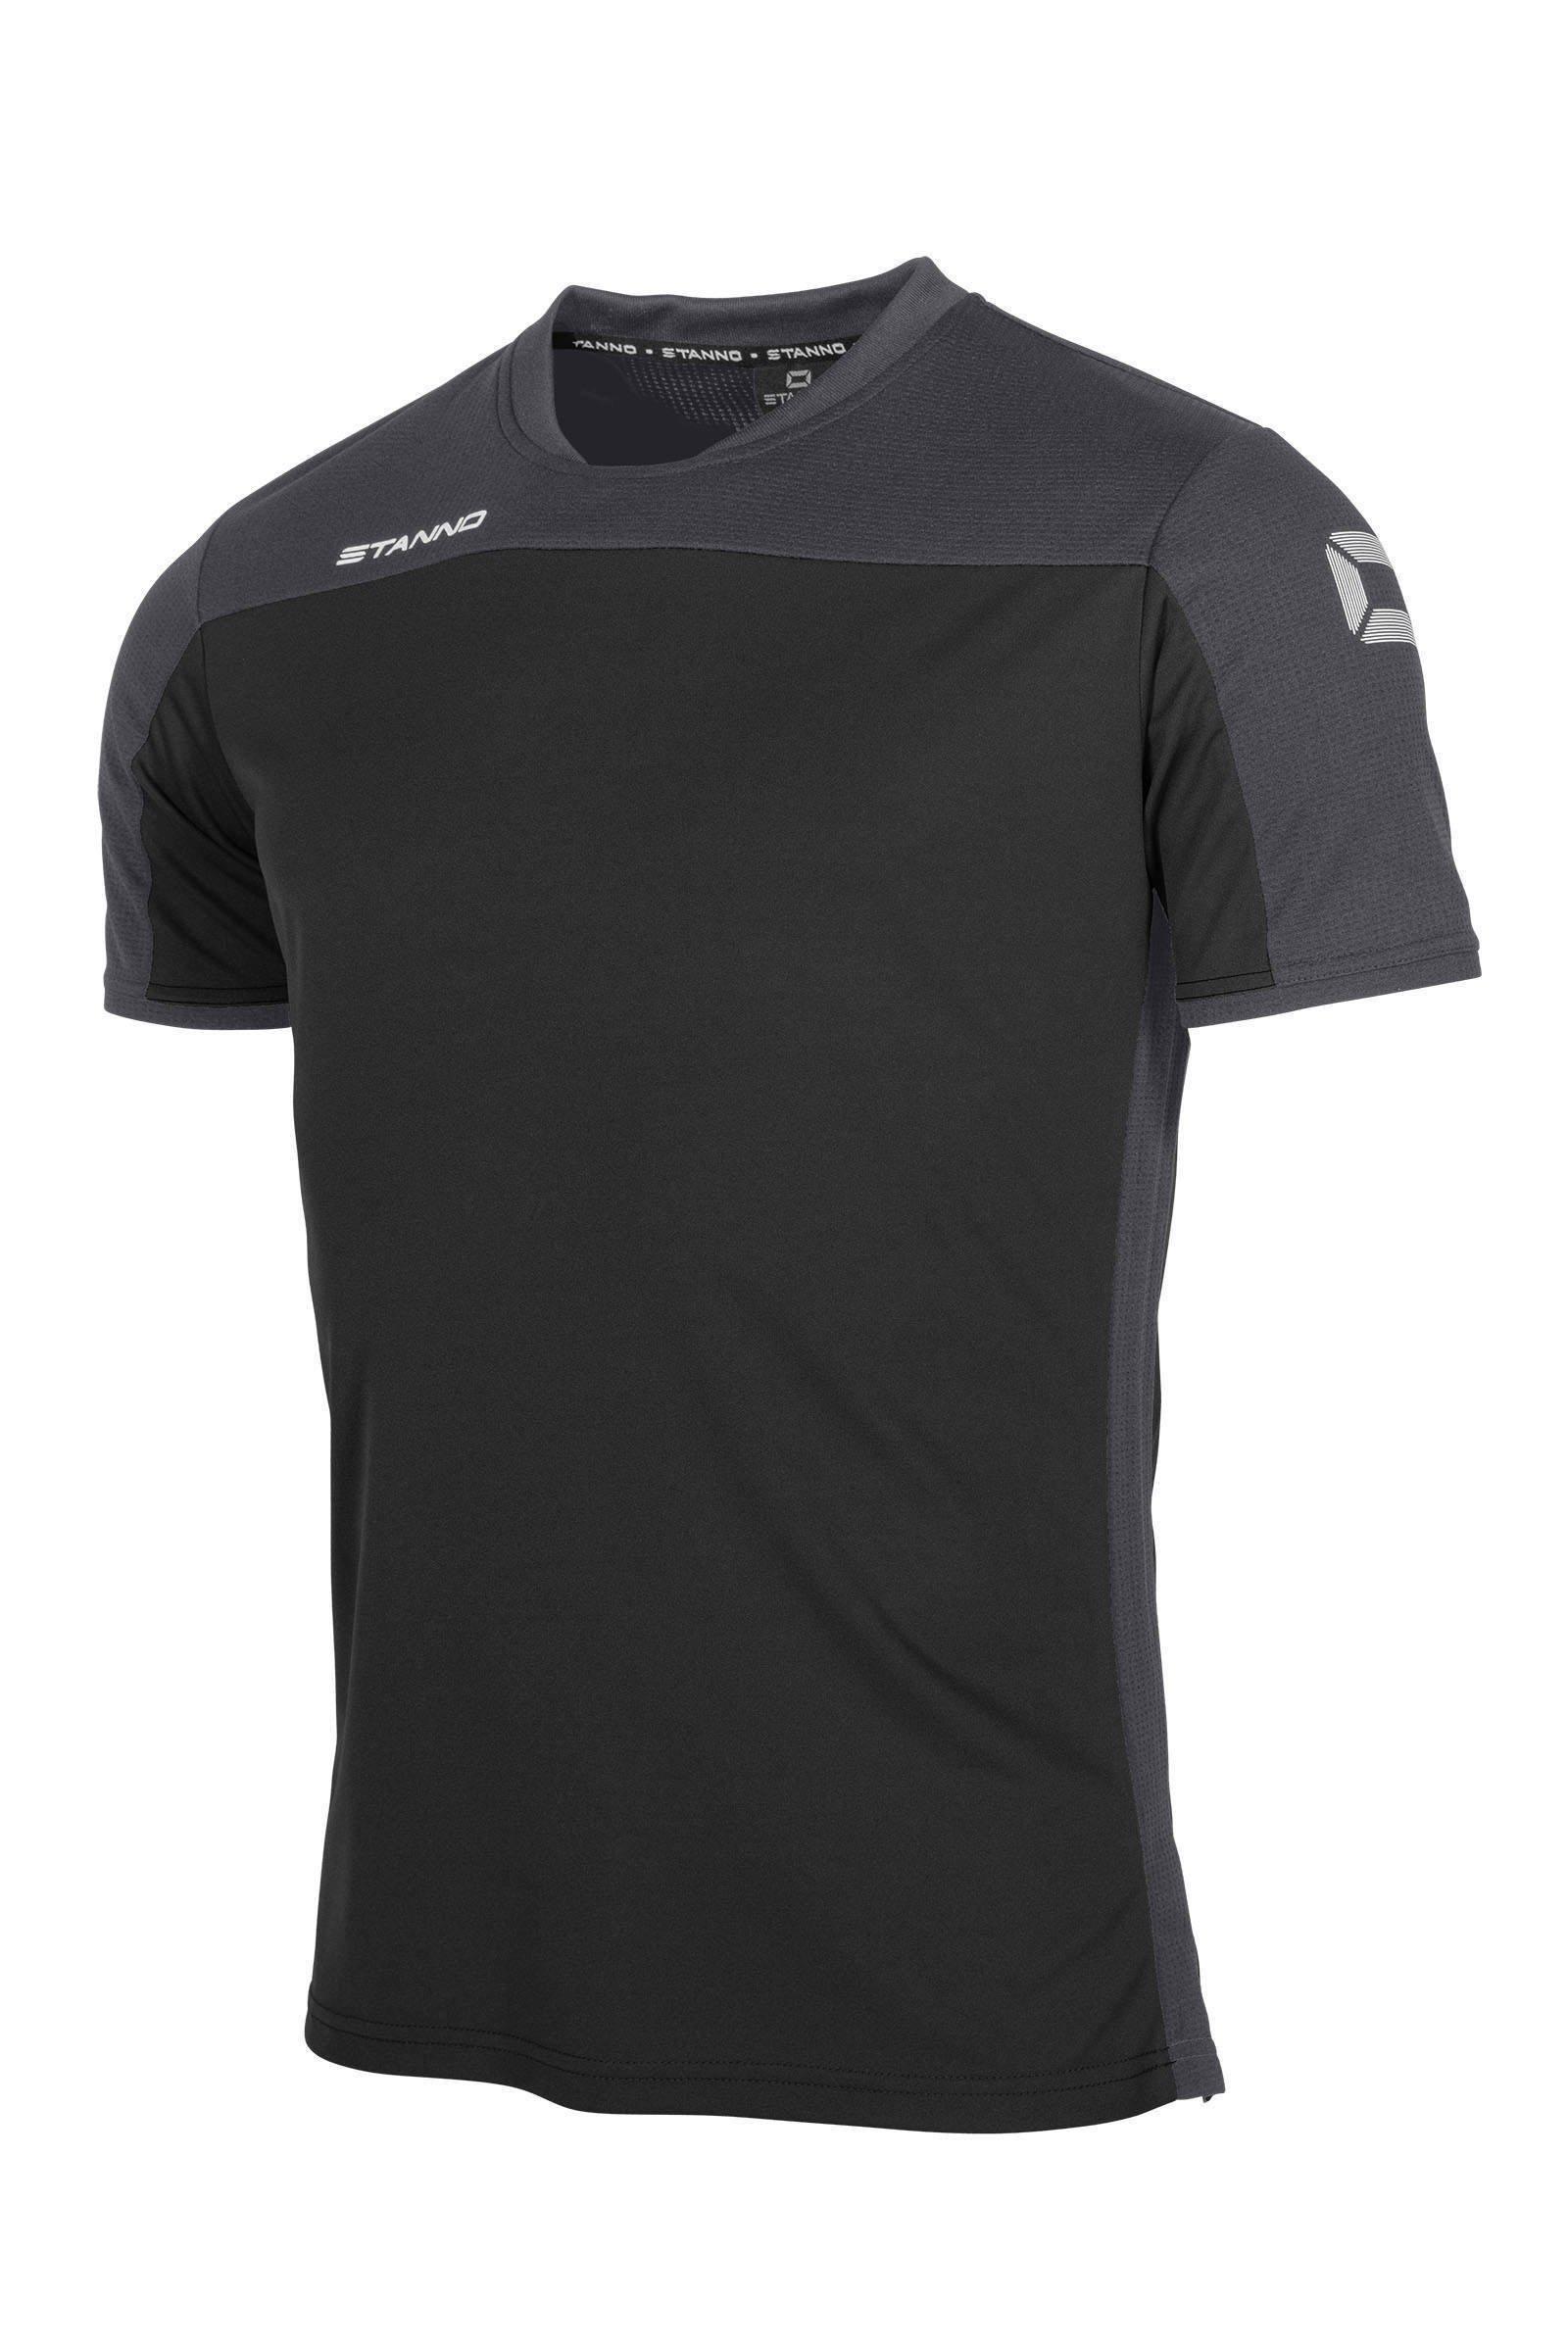 Stanno voetbalshirt zwart/antraciet - maat 152